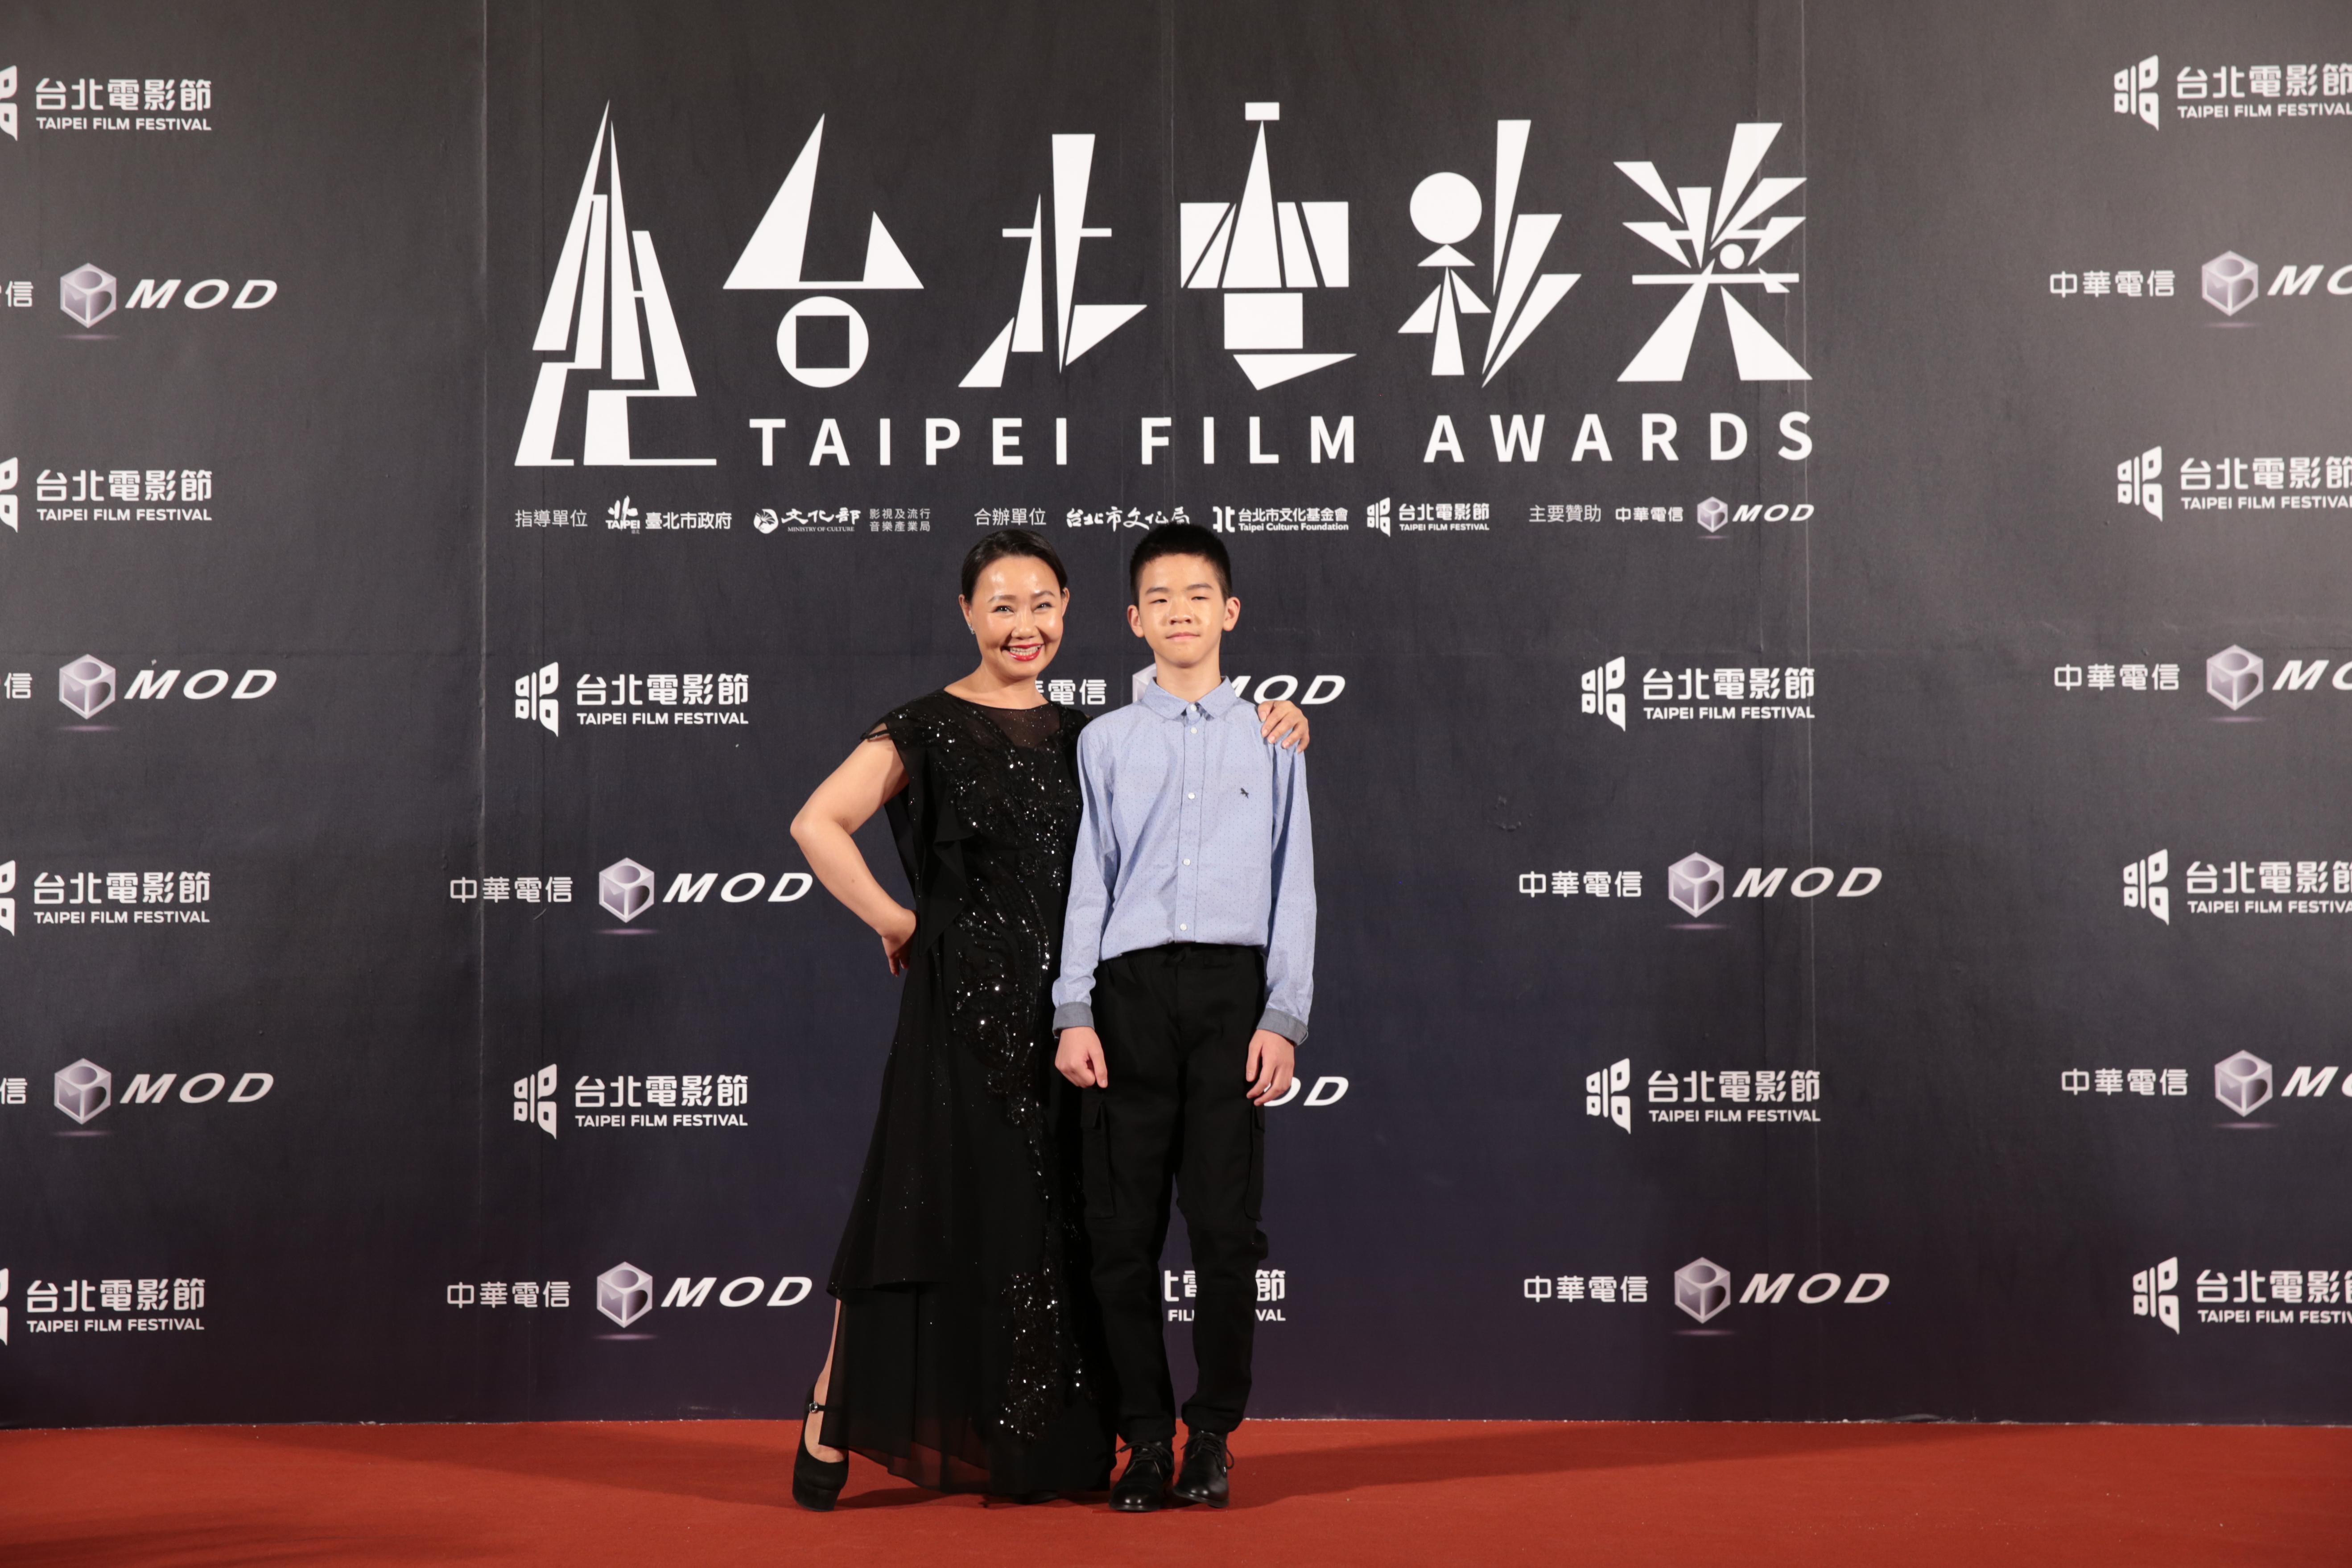 《那個我最親愛的陌生人》女主角呂雪鳳、男配角李英銓。